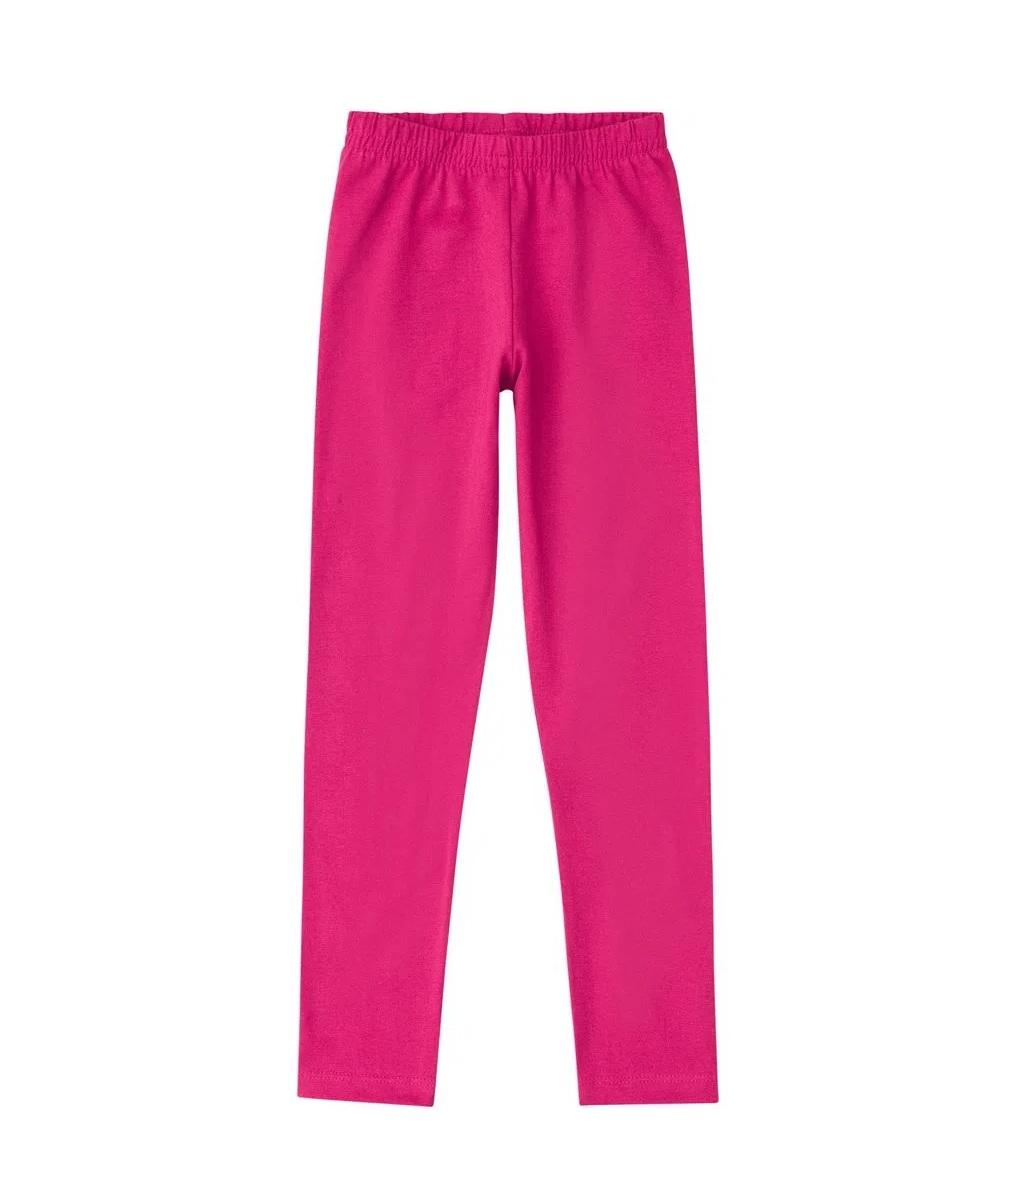 Legging de Cotton Infantil Feminina - Kyly 107633